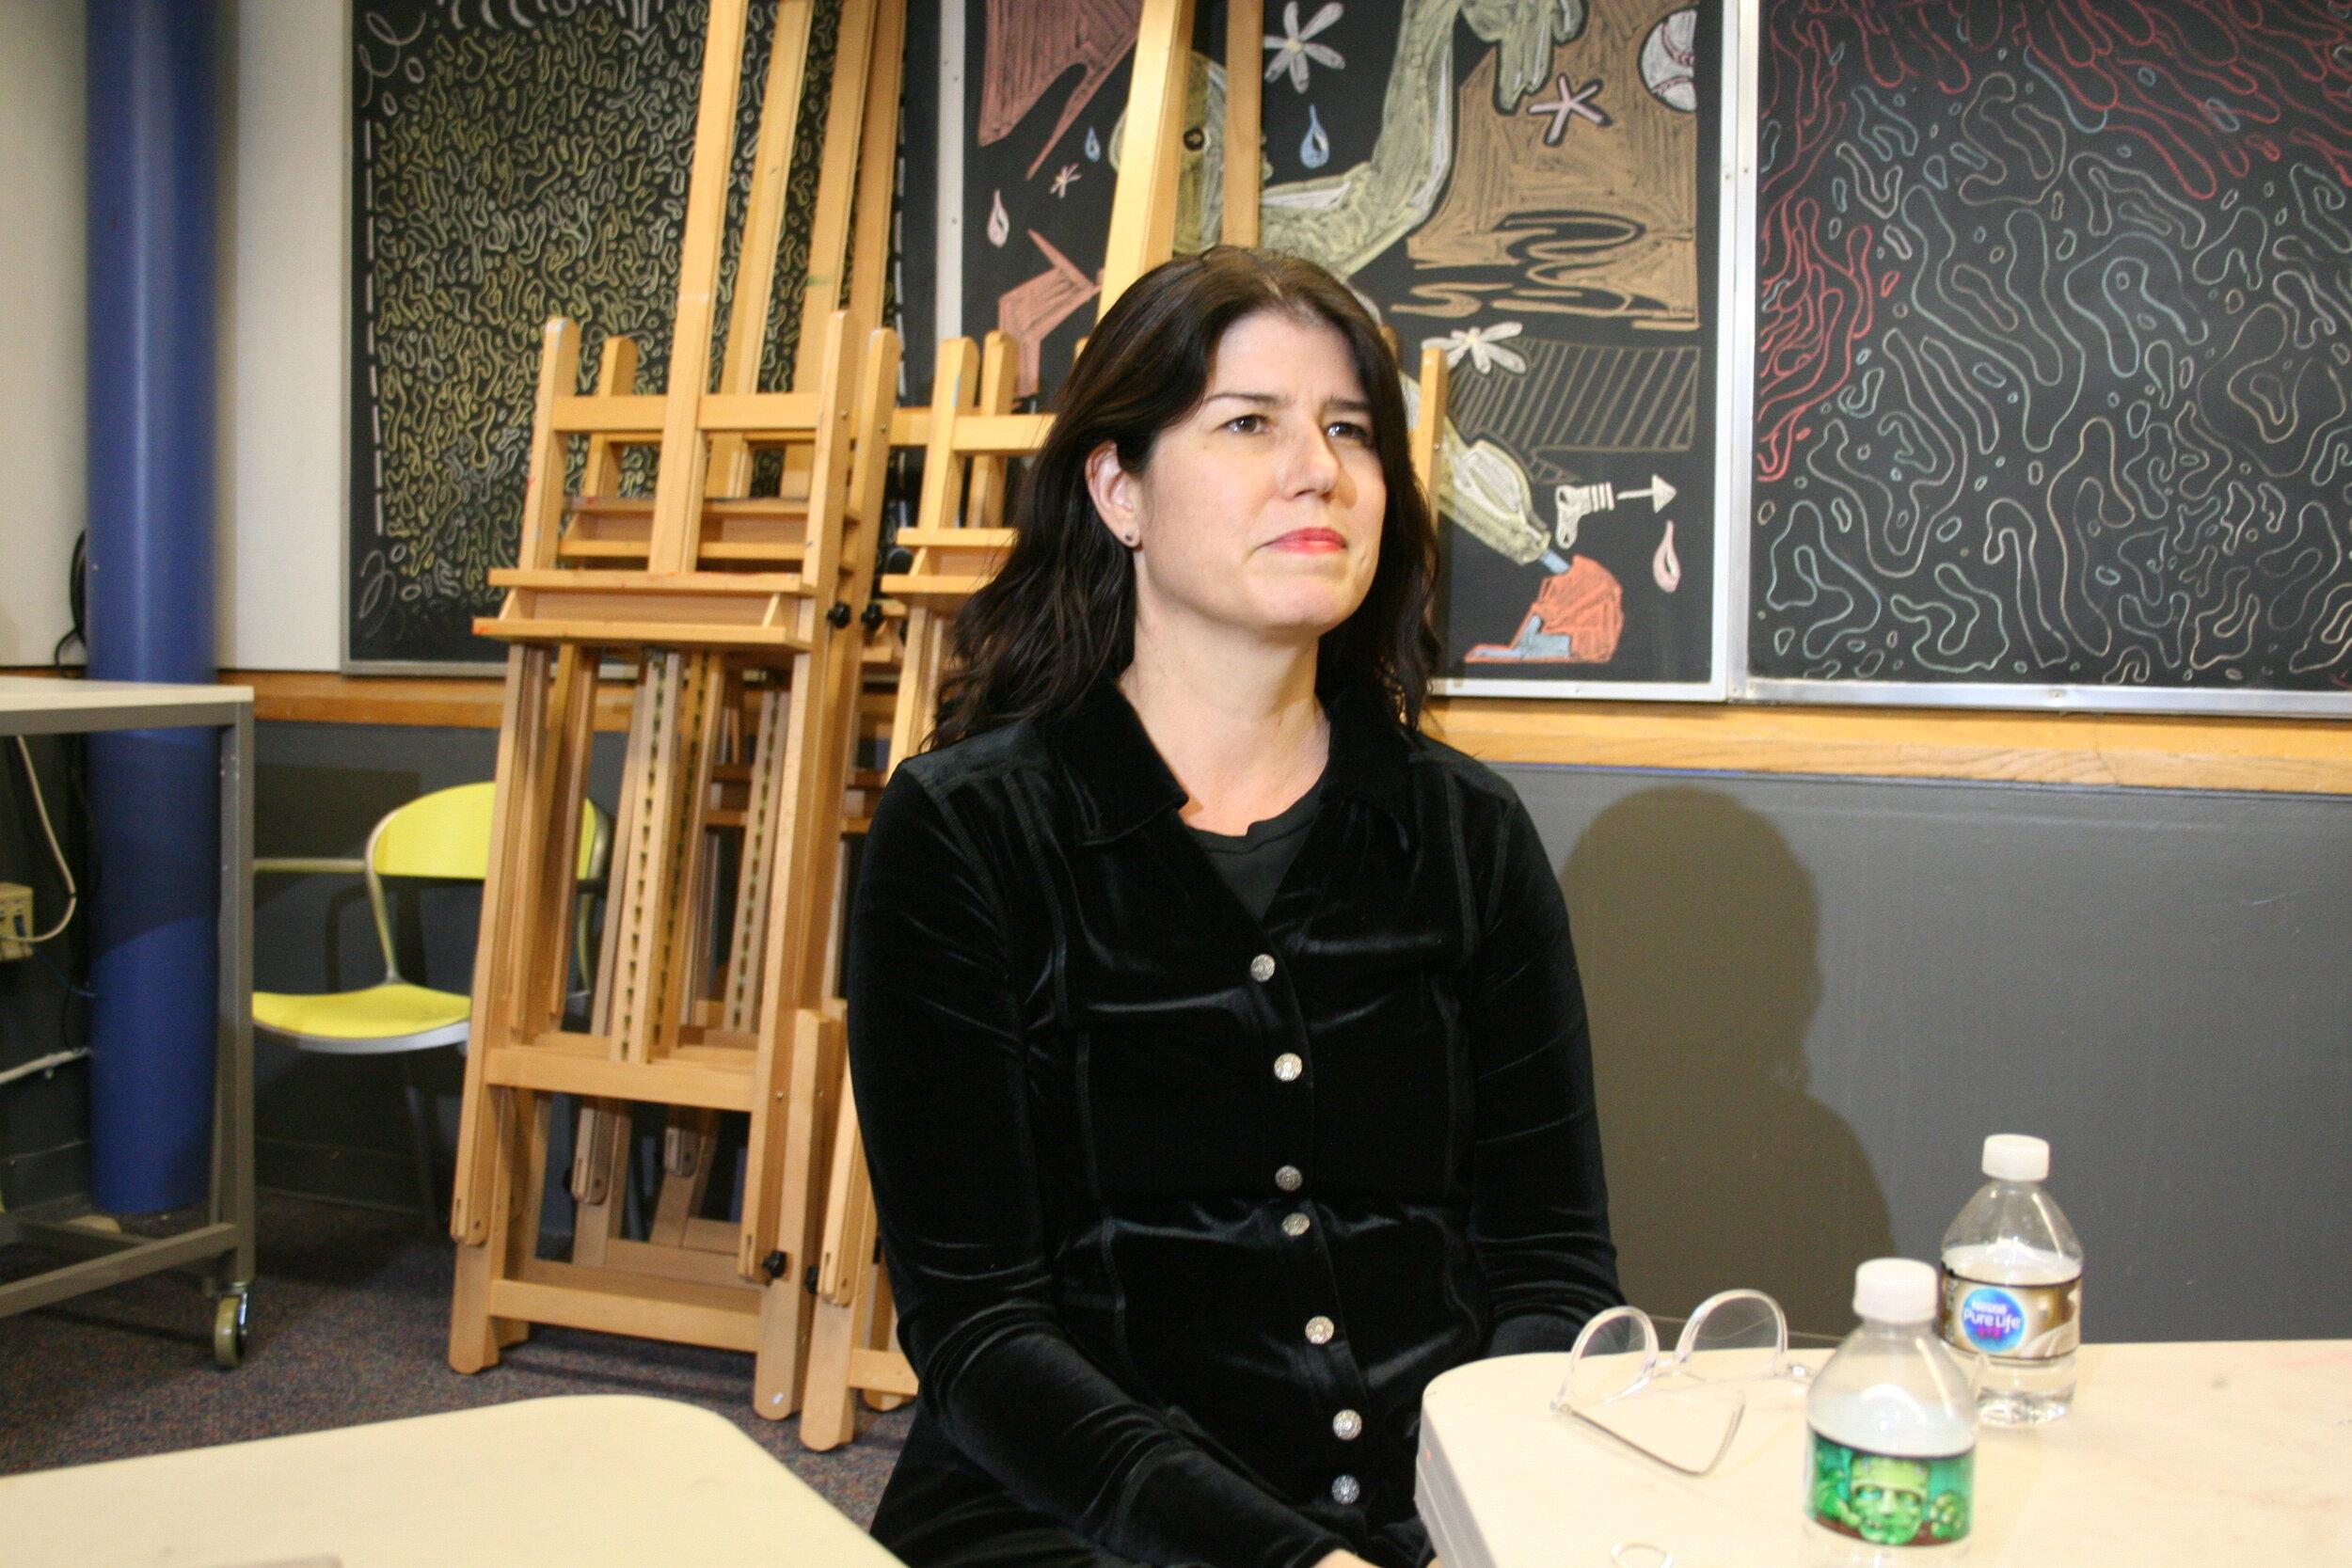 Tracey Hazelett Hilbert at Artful Cleveland 10-4-19.JPG